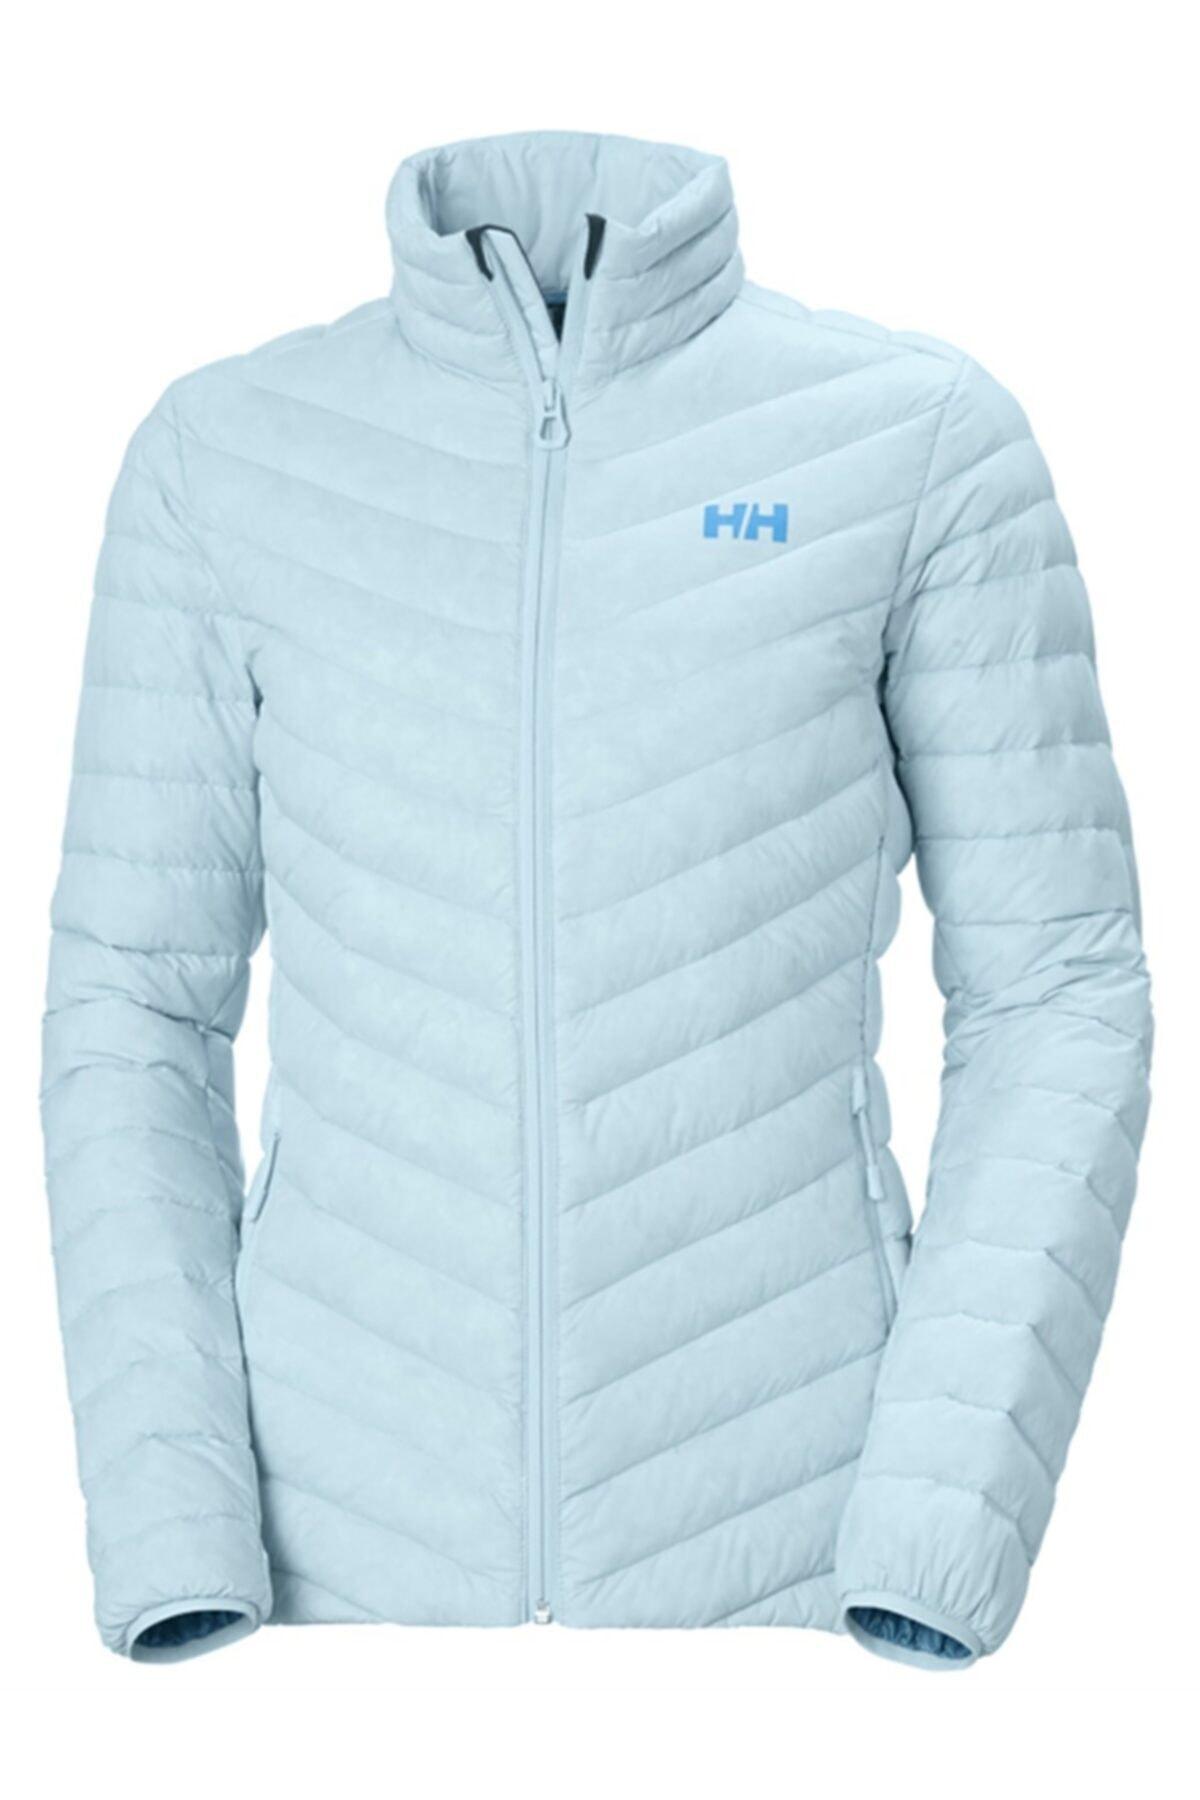 Helly Hansen Hh W Verglas Down Insulator Jacke 1